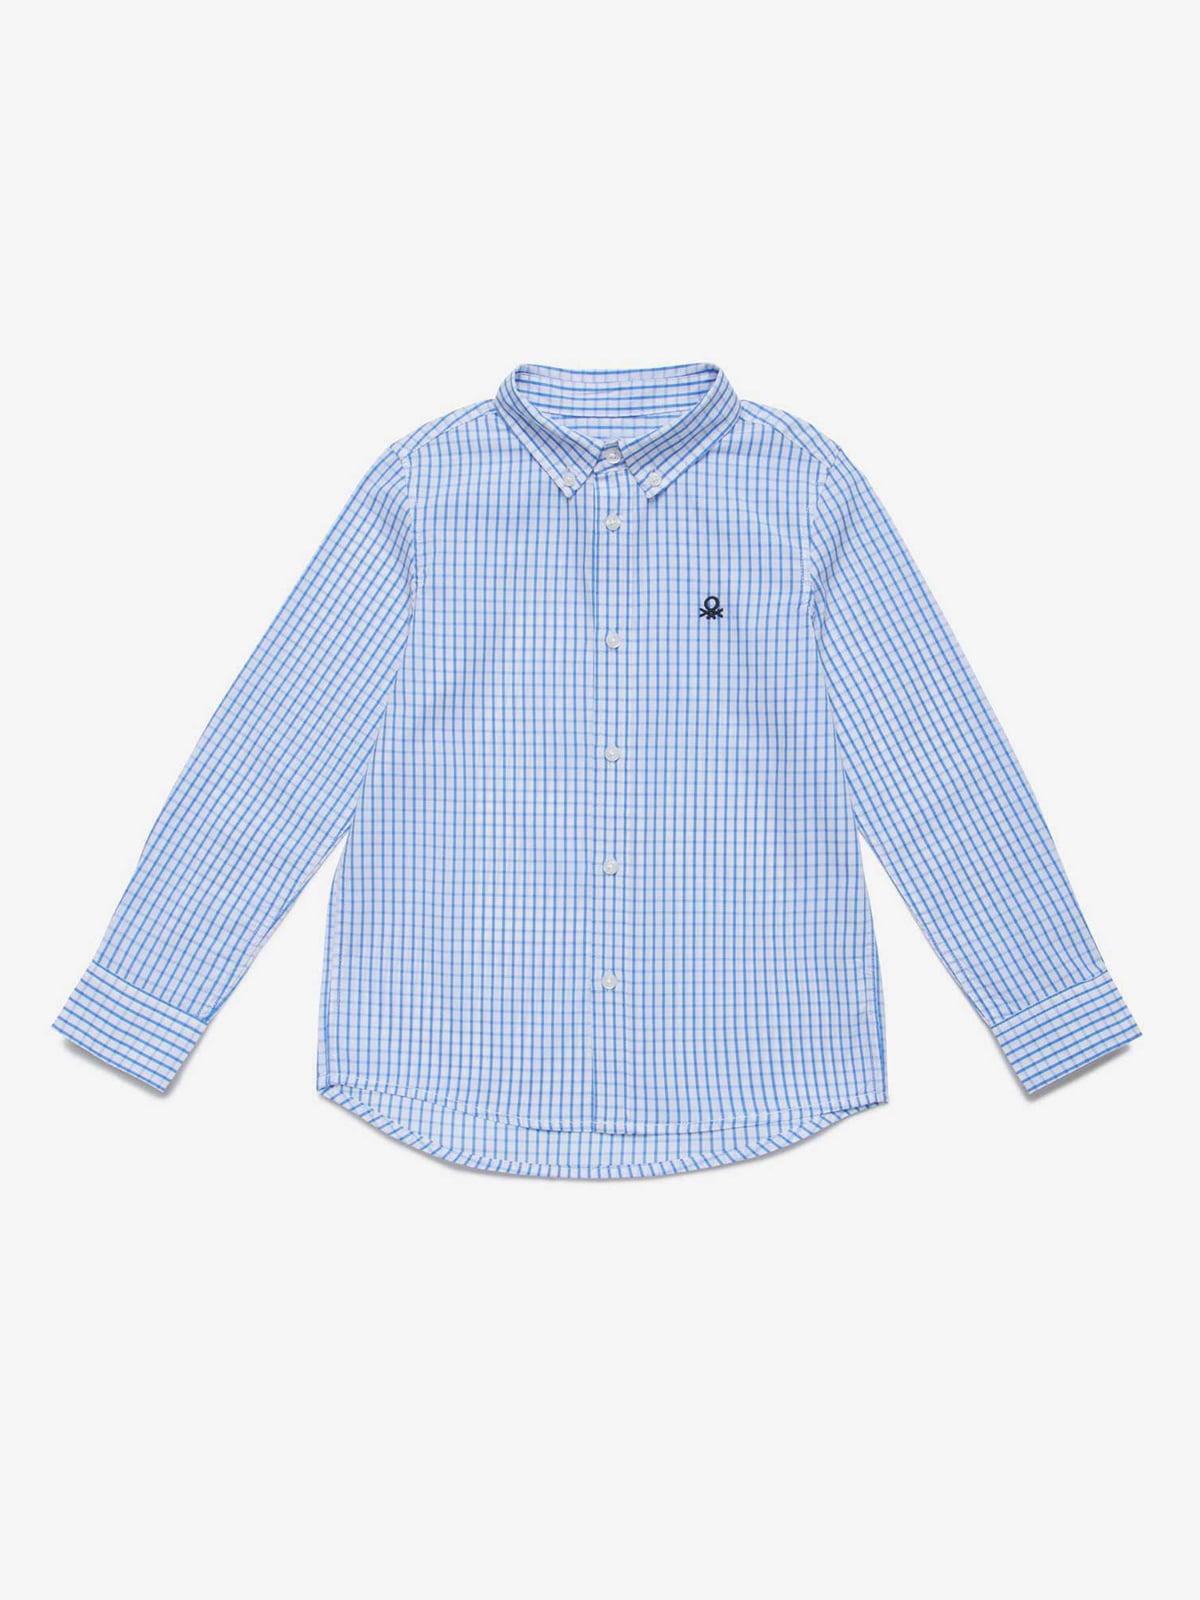 Рубашка голубая в клетку | 5371375